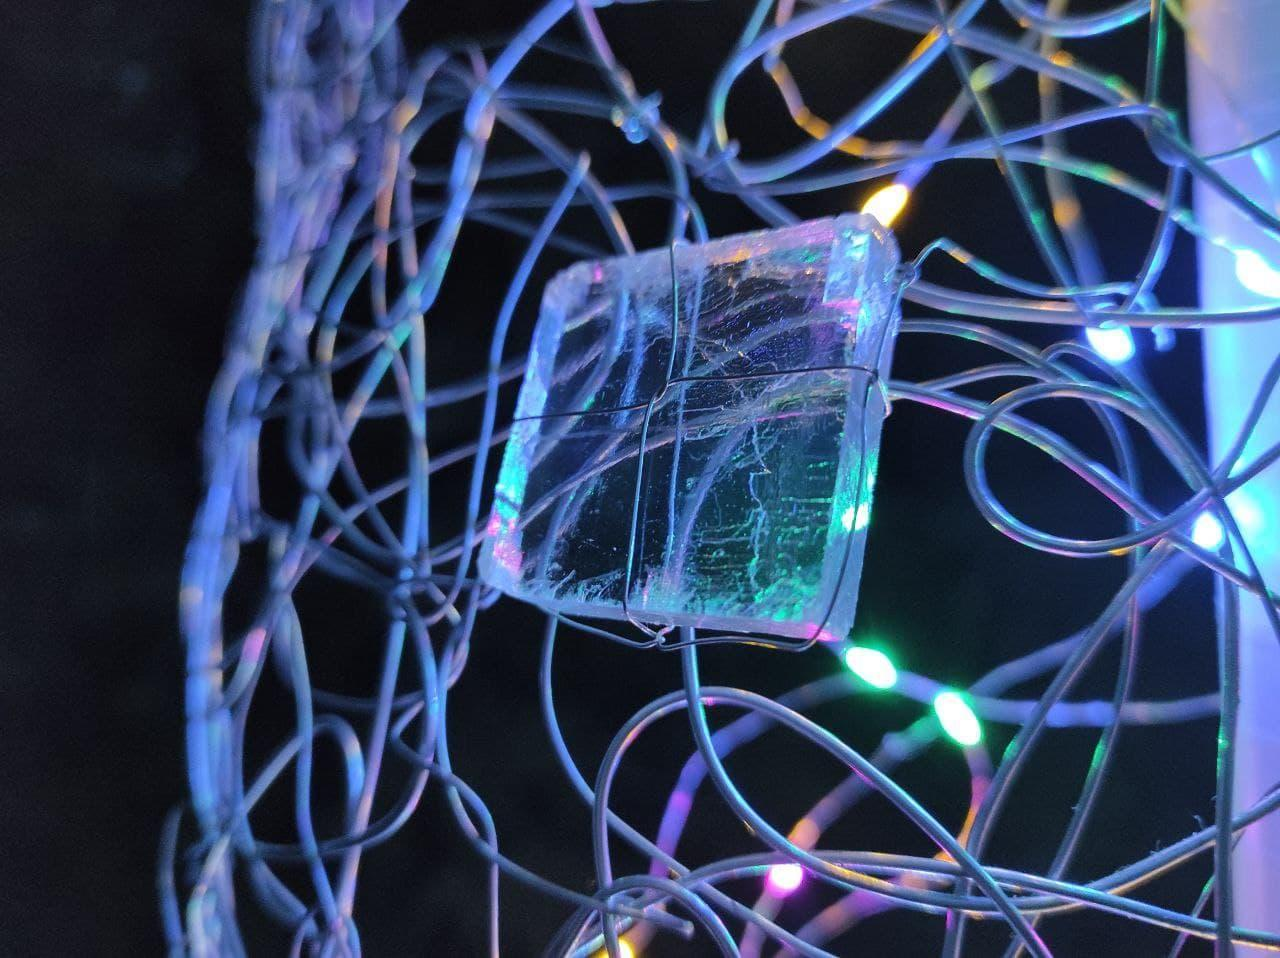 кристалл соли в инсталляции Валентины Беро